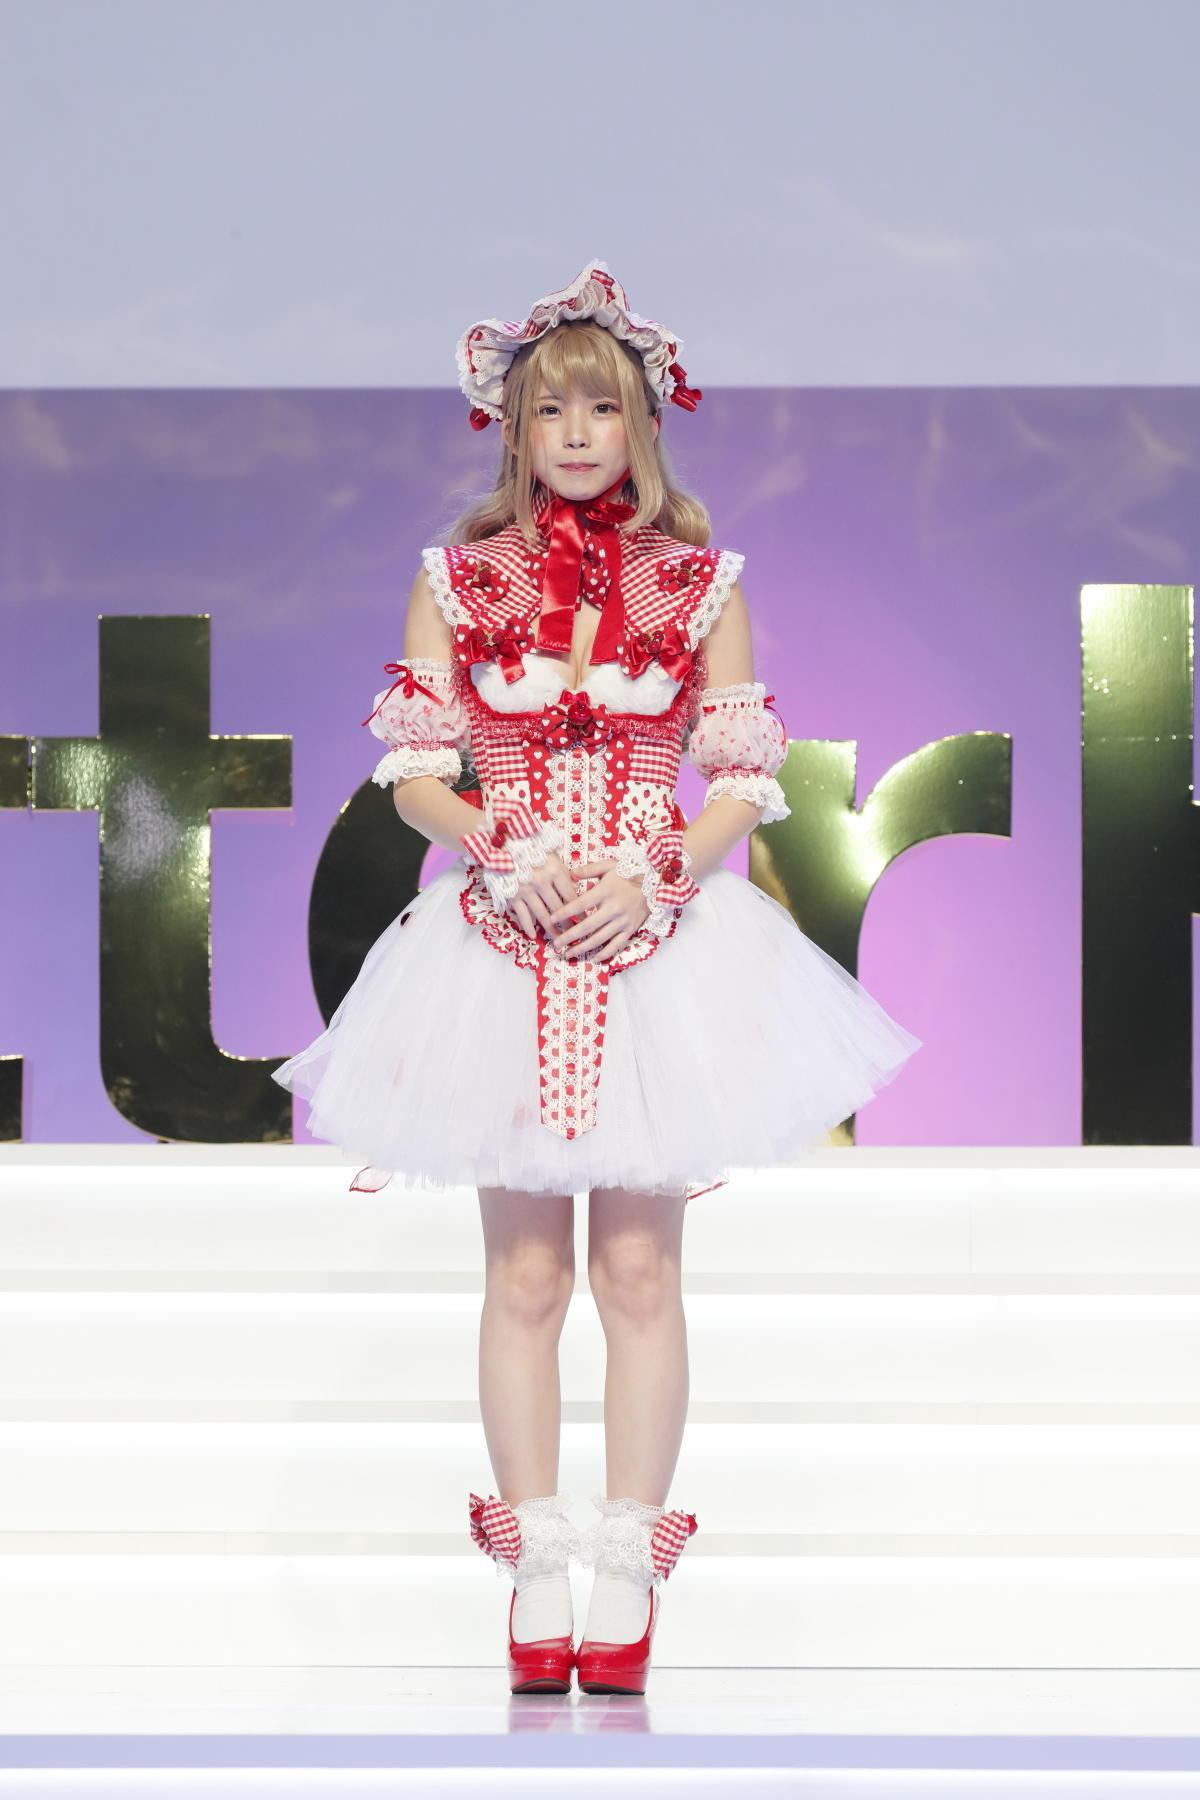 http://news.yoshimoto.co.jp/20190122012522-43928a1ee9e5db986825e764b1a2a3df3c374b5d.jpg